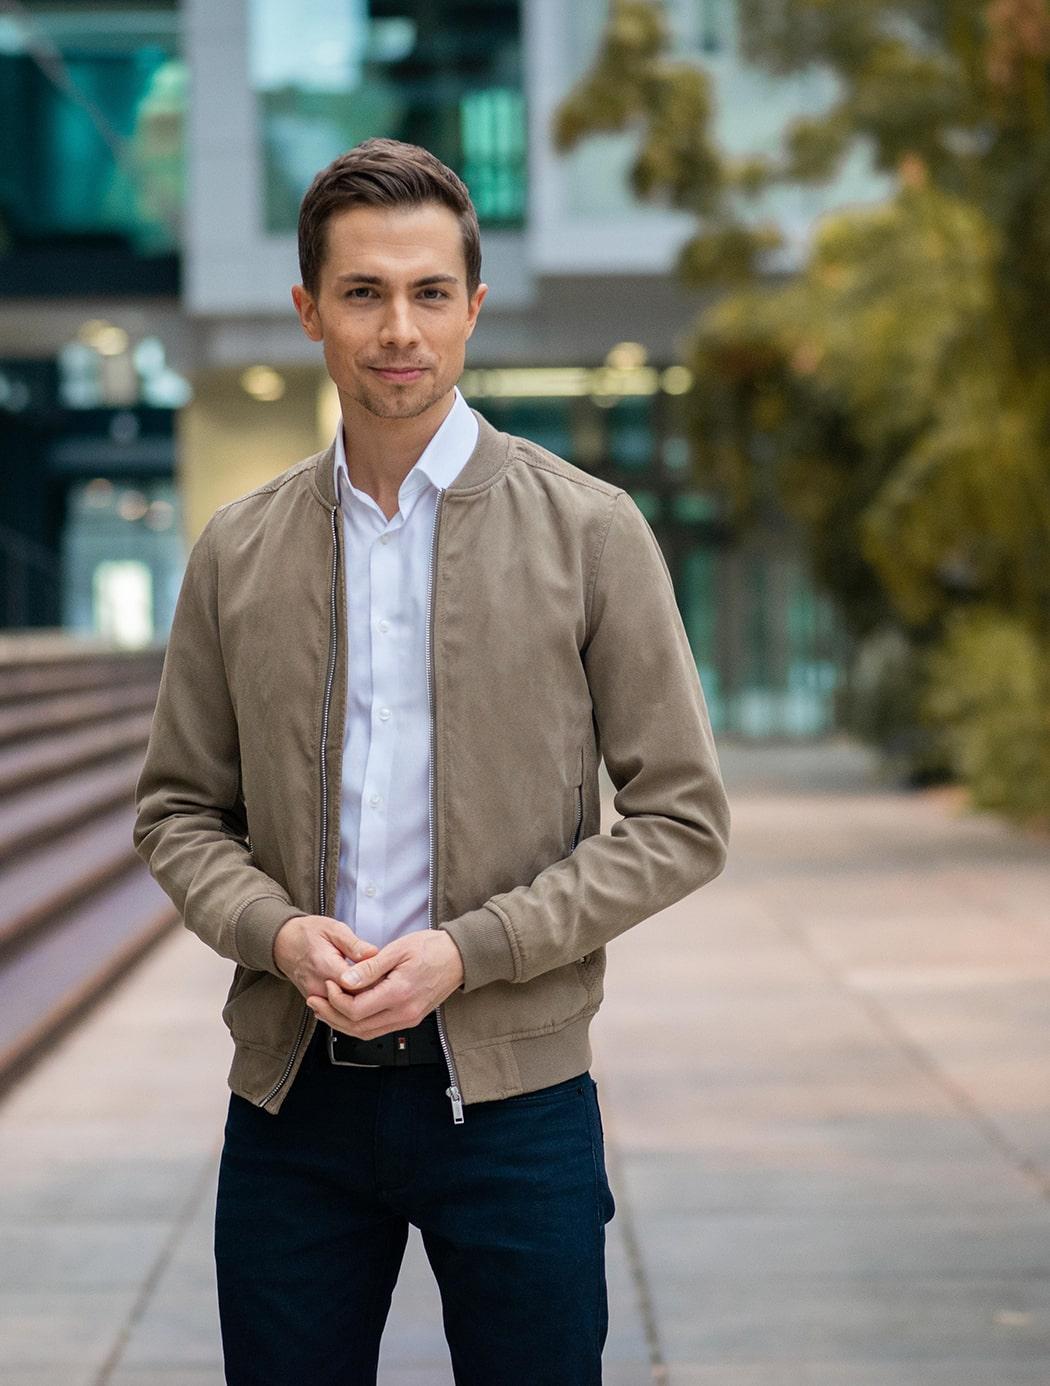 Ausführliche Vita zu Journalist, Moderator und Sprecher Christoph Jens Hoffmann